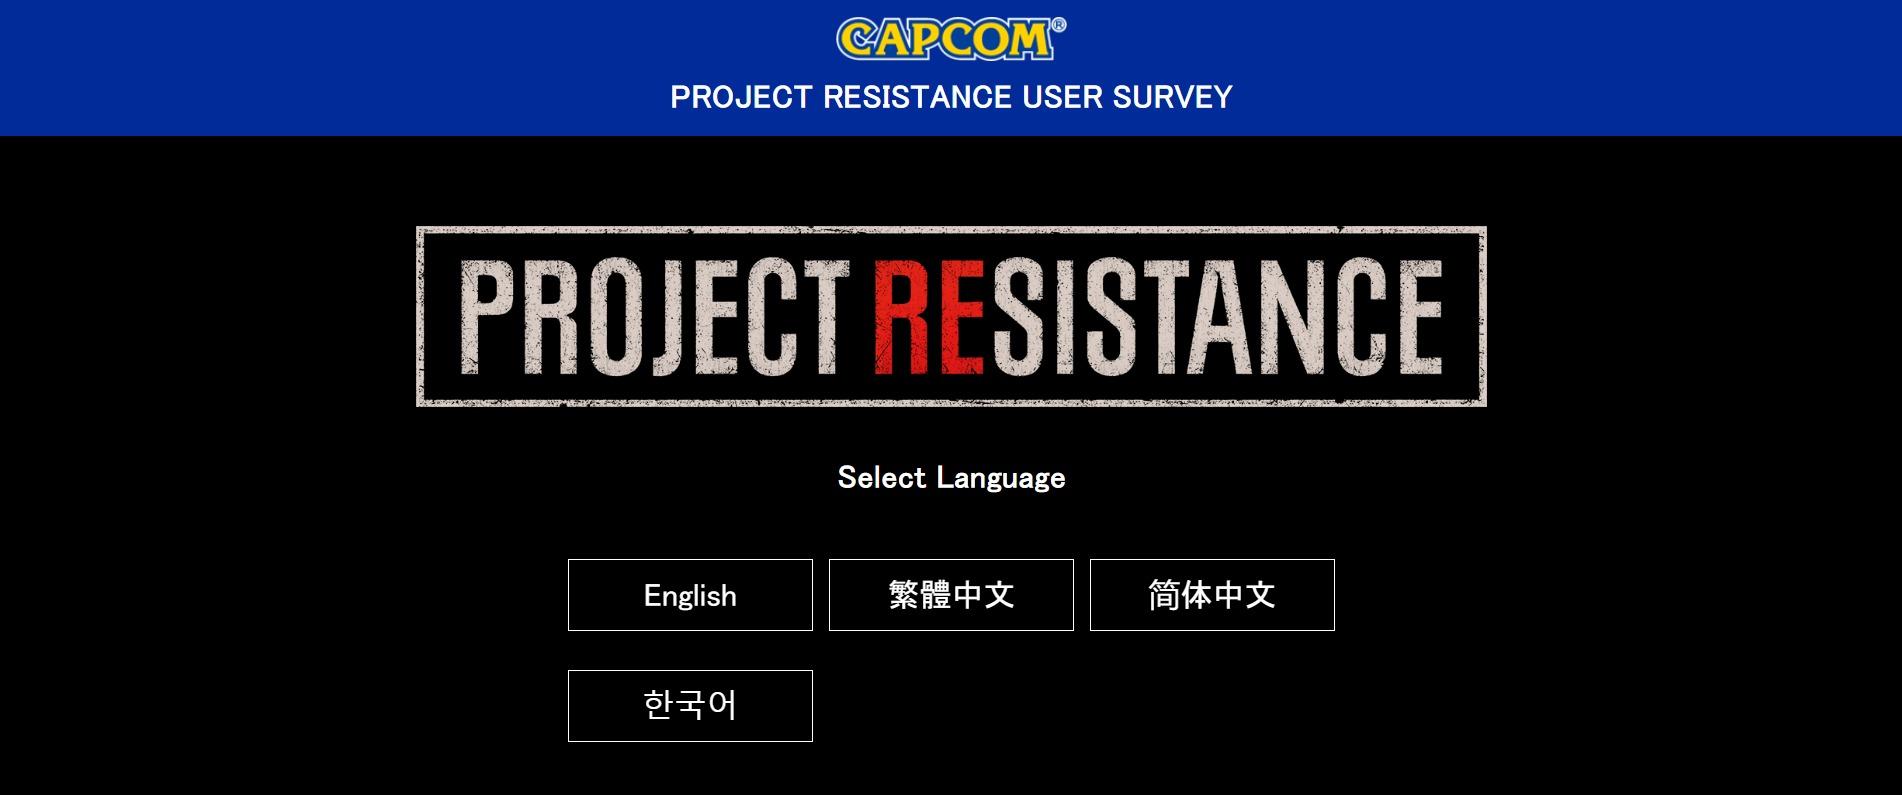 卡普空发布《生化危机》抵抗计划调查问卷 还有壁纸相送